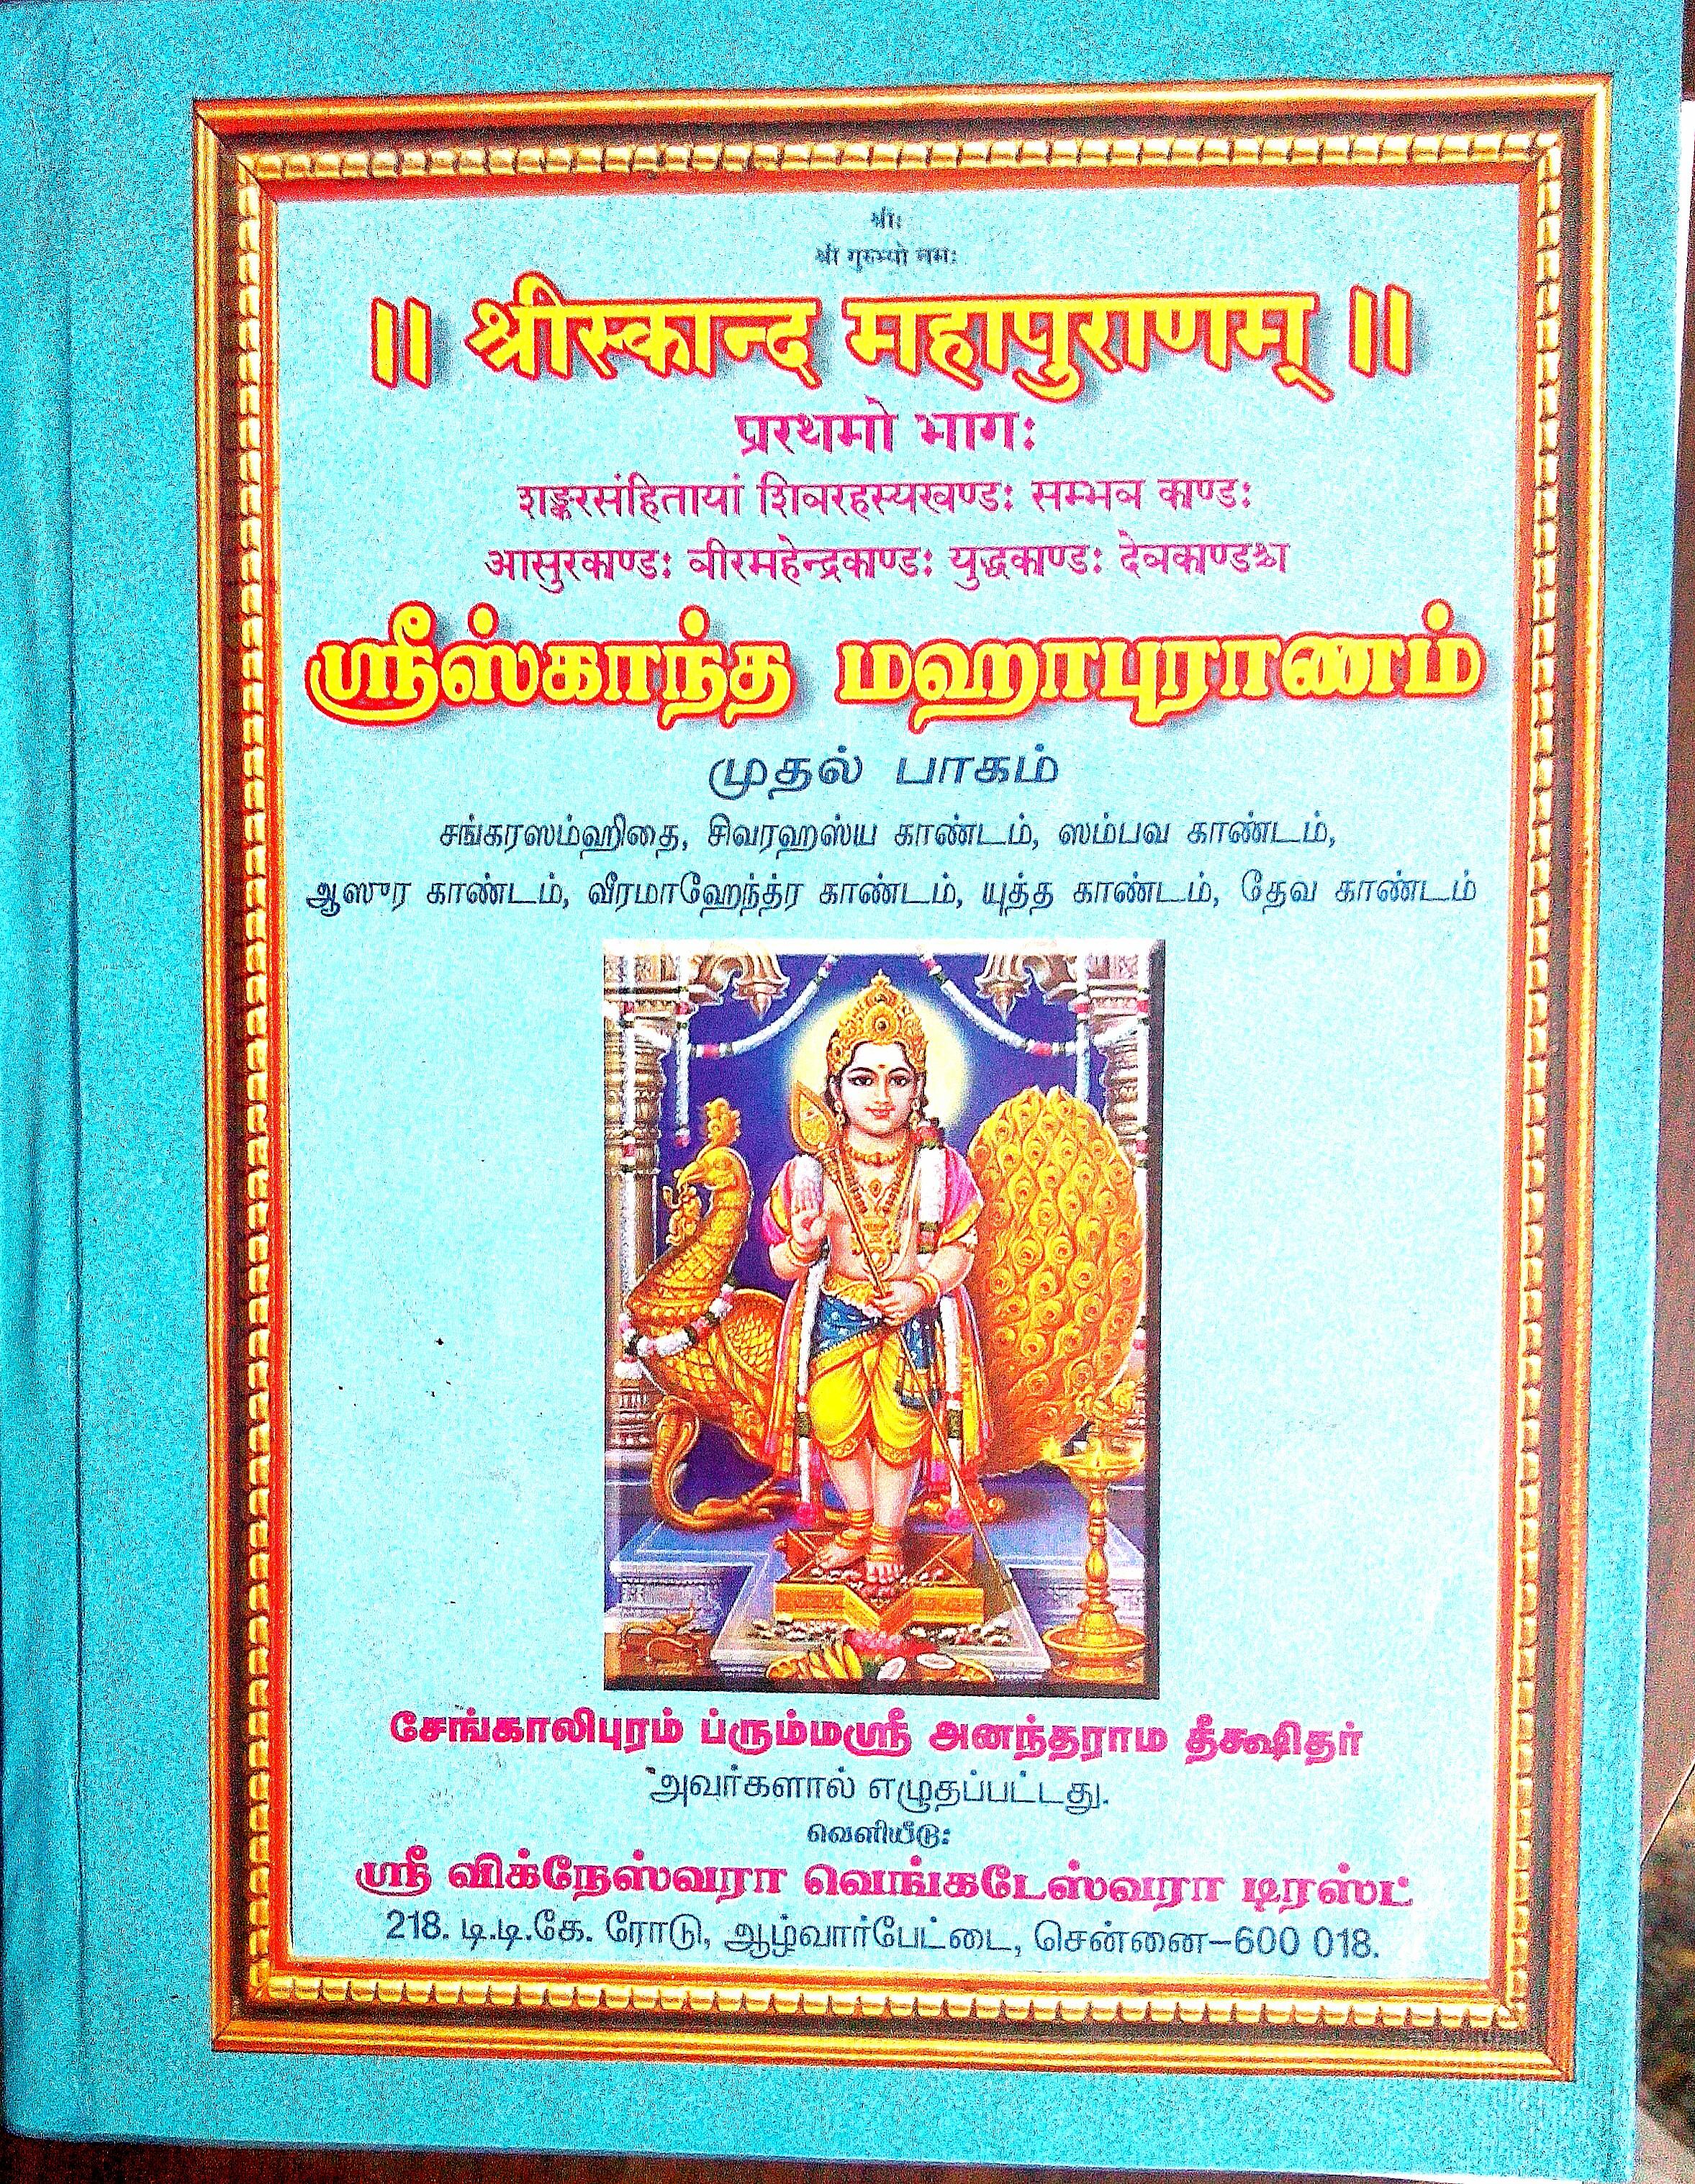 ஸ்ரீஸ்காந்த மஹாபுராணம்